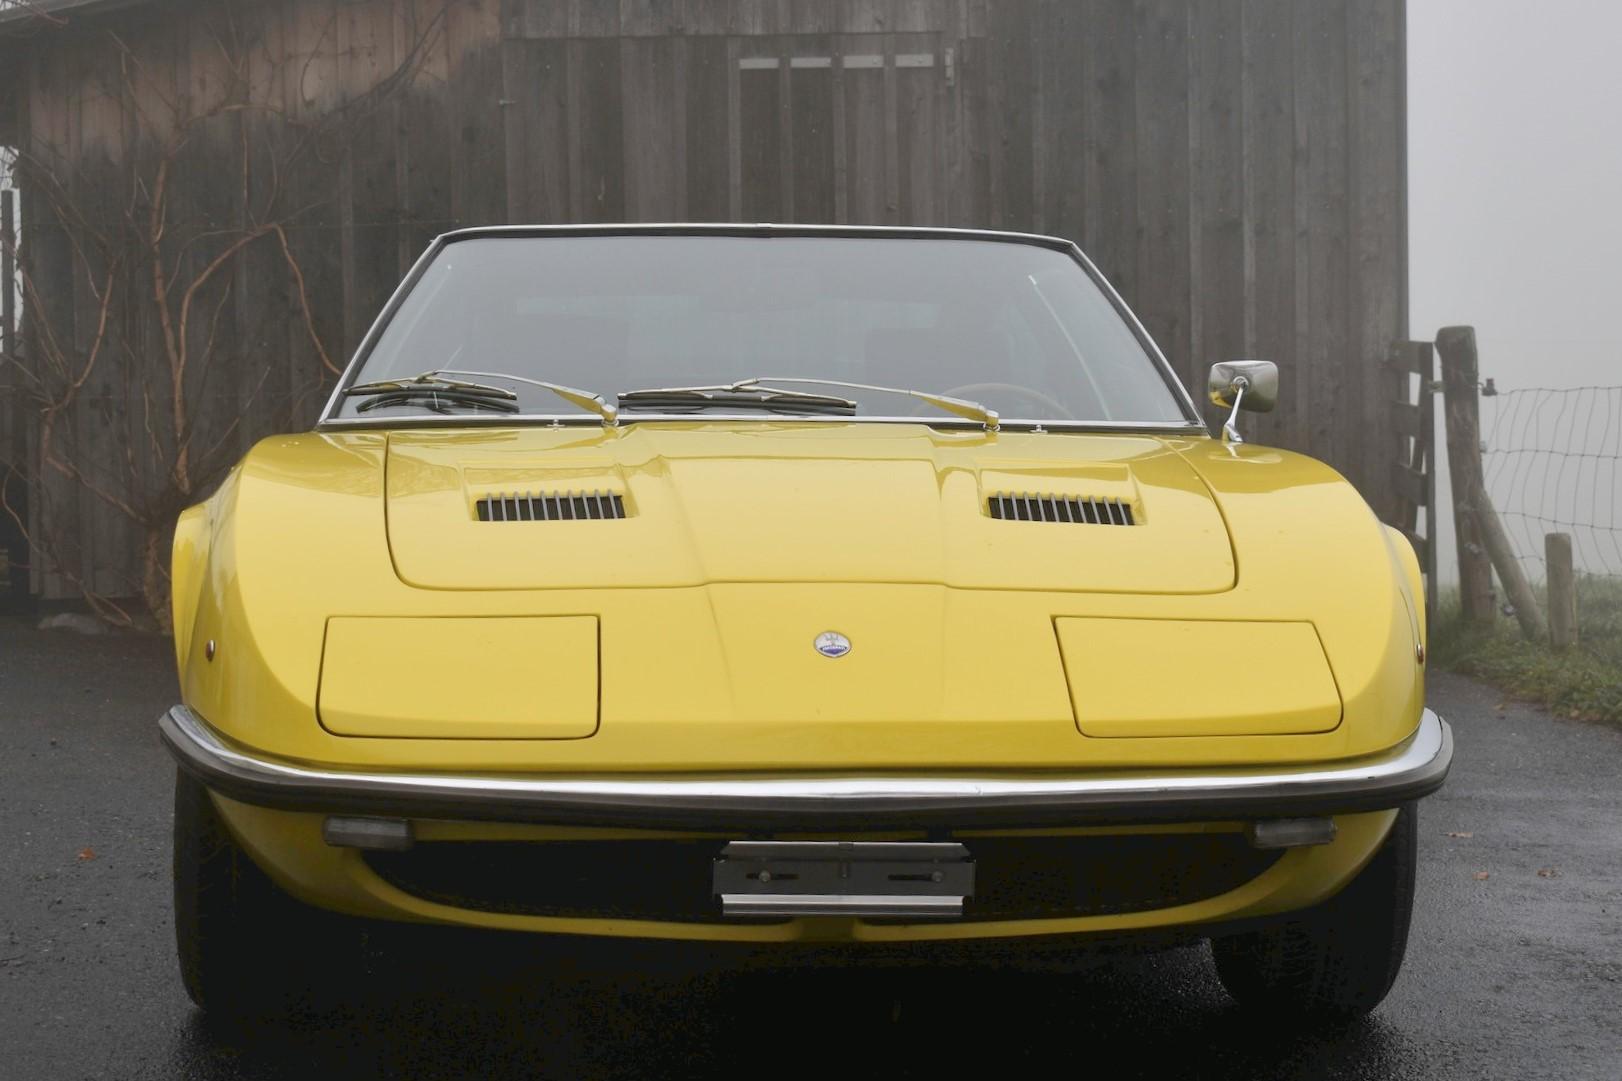 Versteigerung Auktion gelber 1969 Maserati Indy 4200 AM 116 4.2 Liter Oldtimer in Frontansicht